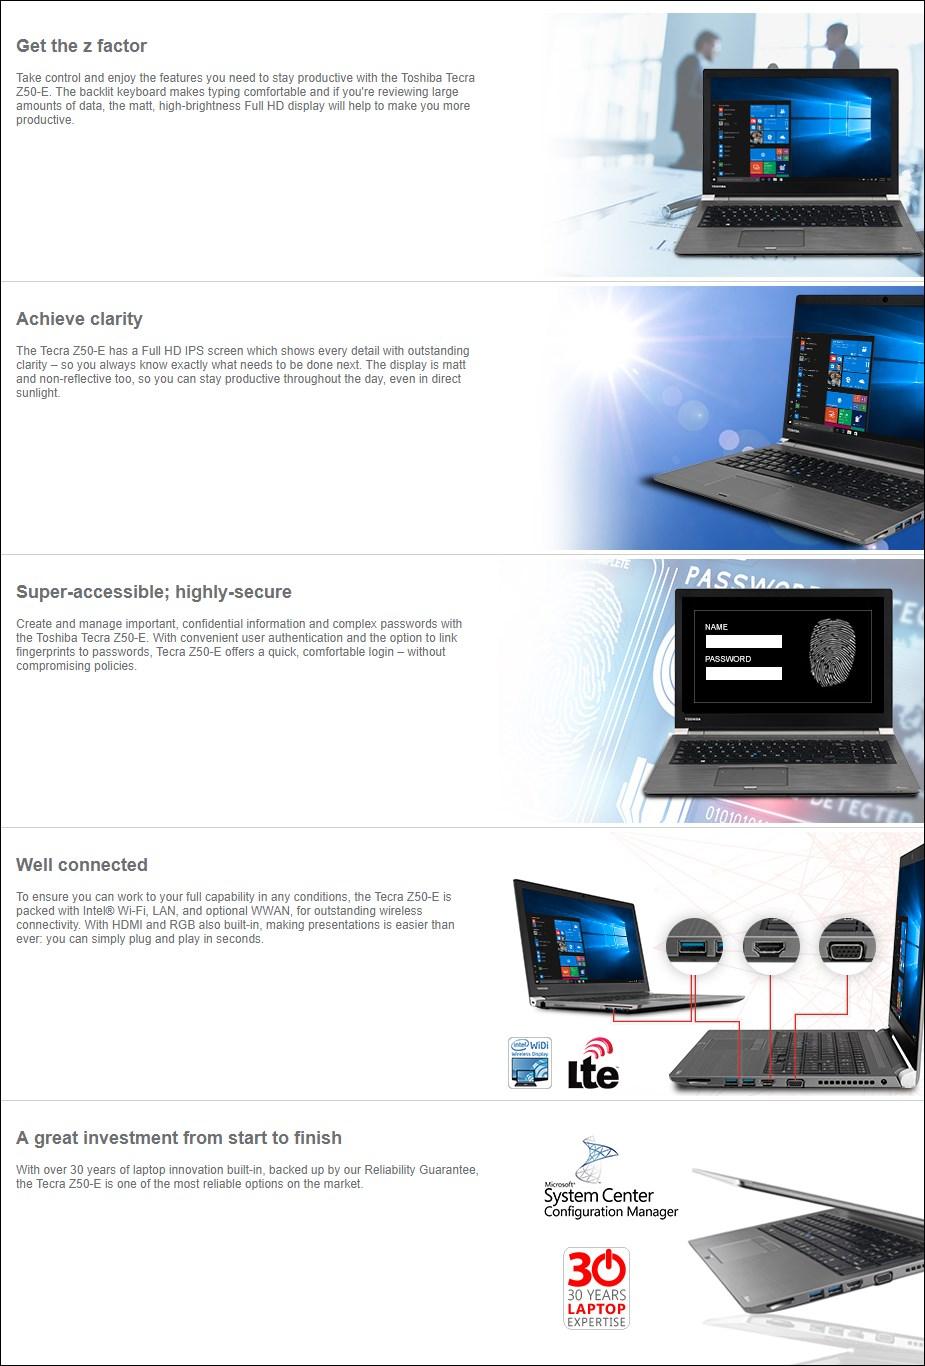 """Toshiba Tecra Z50-E 15.6"""" Laptop i5-8250U 8GB 256GB W10P - Overview 1"""